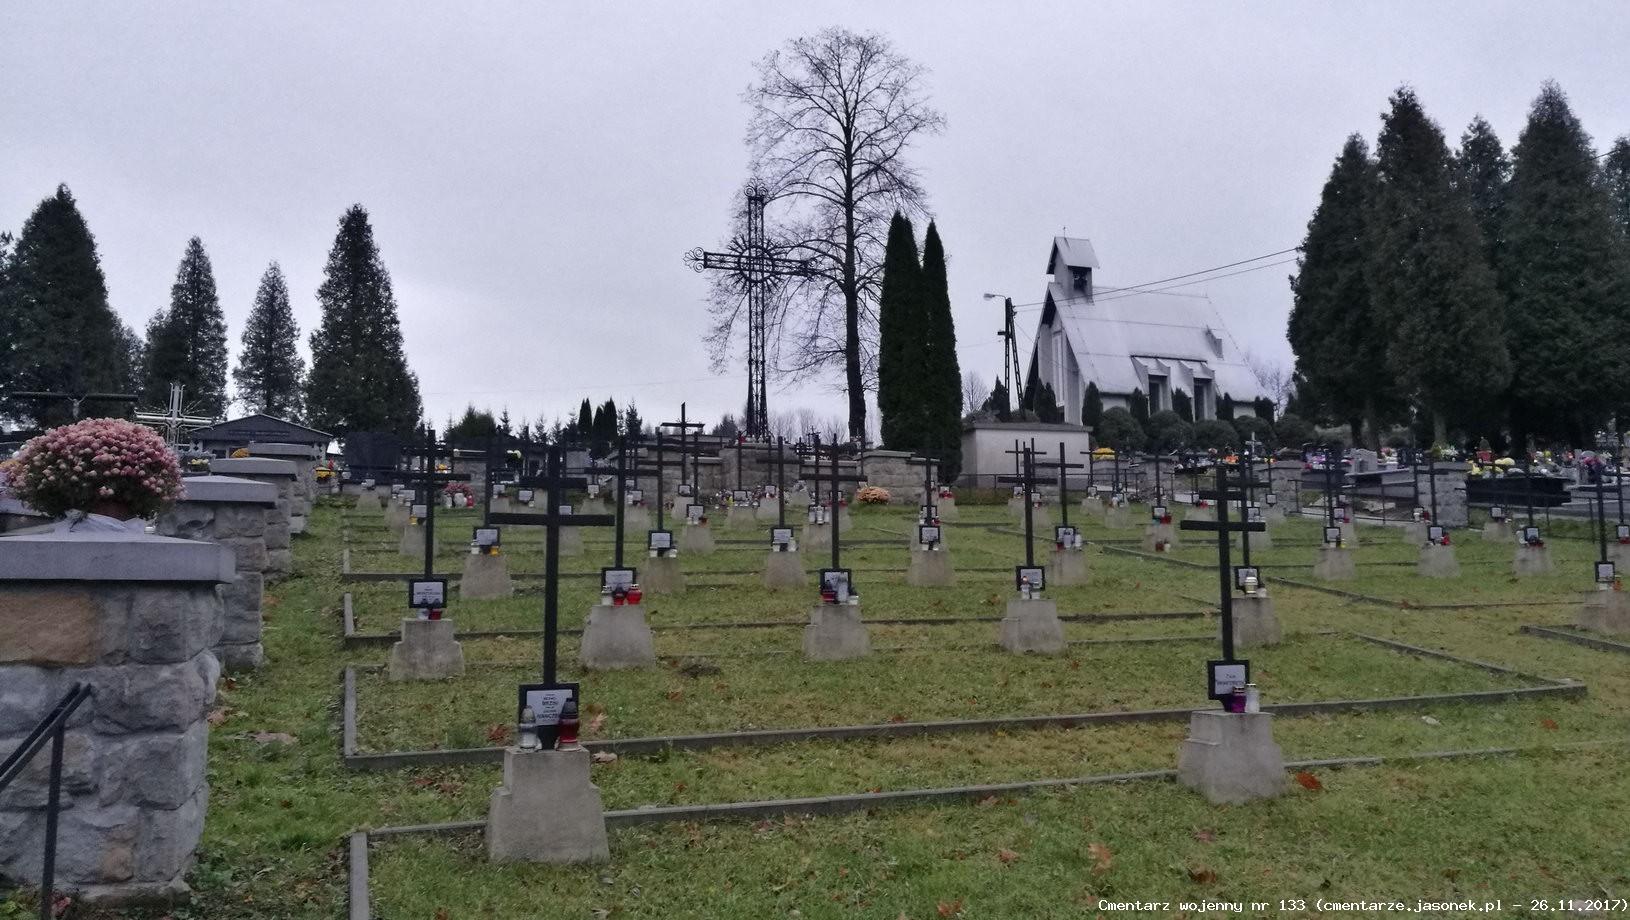 Cmentarz wojenny 133 - Bobowa (cm. parafialny)